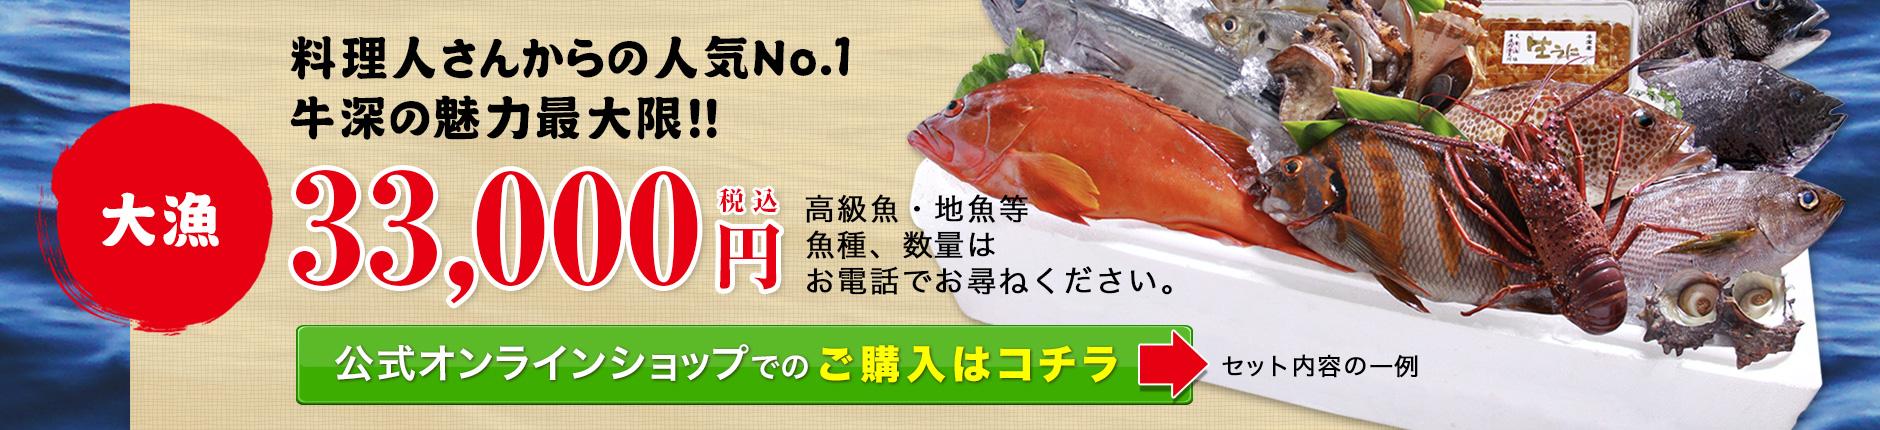 大漁33000円ご希望の魚種・サイズ・ご予算に応じてお作りします。お気軽にご相談ください。